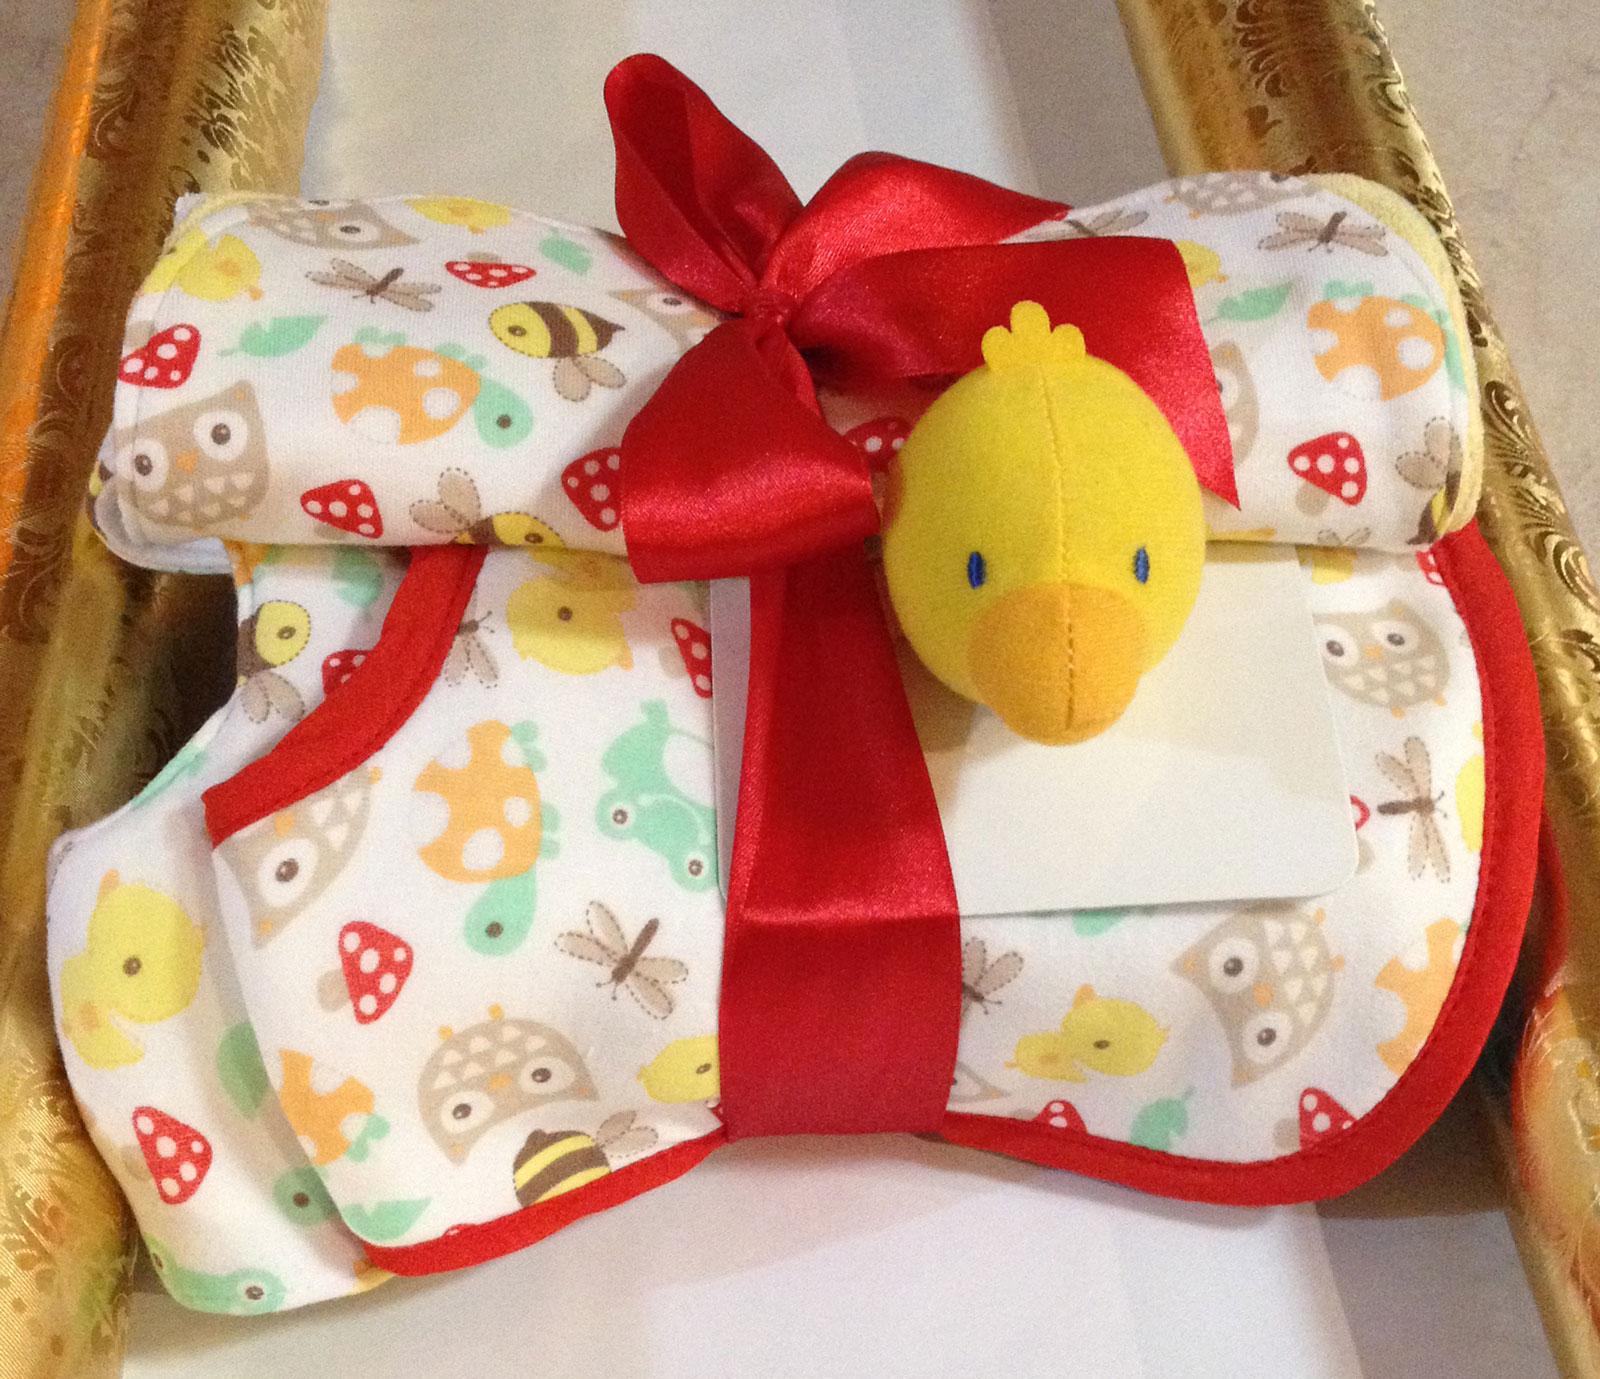 BabyShower-gift1.jpg